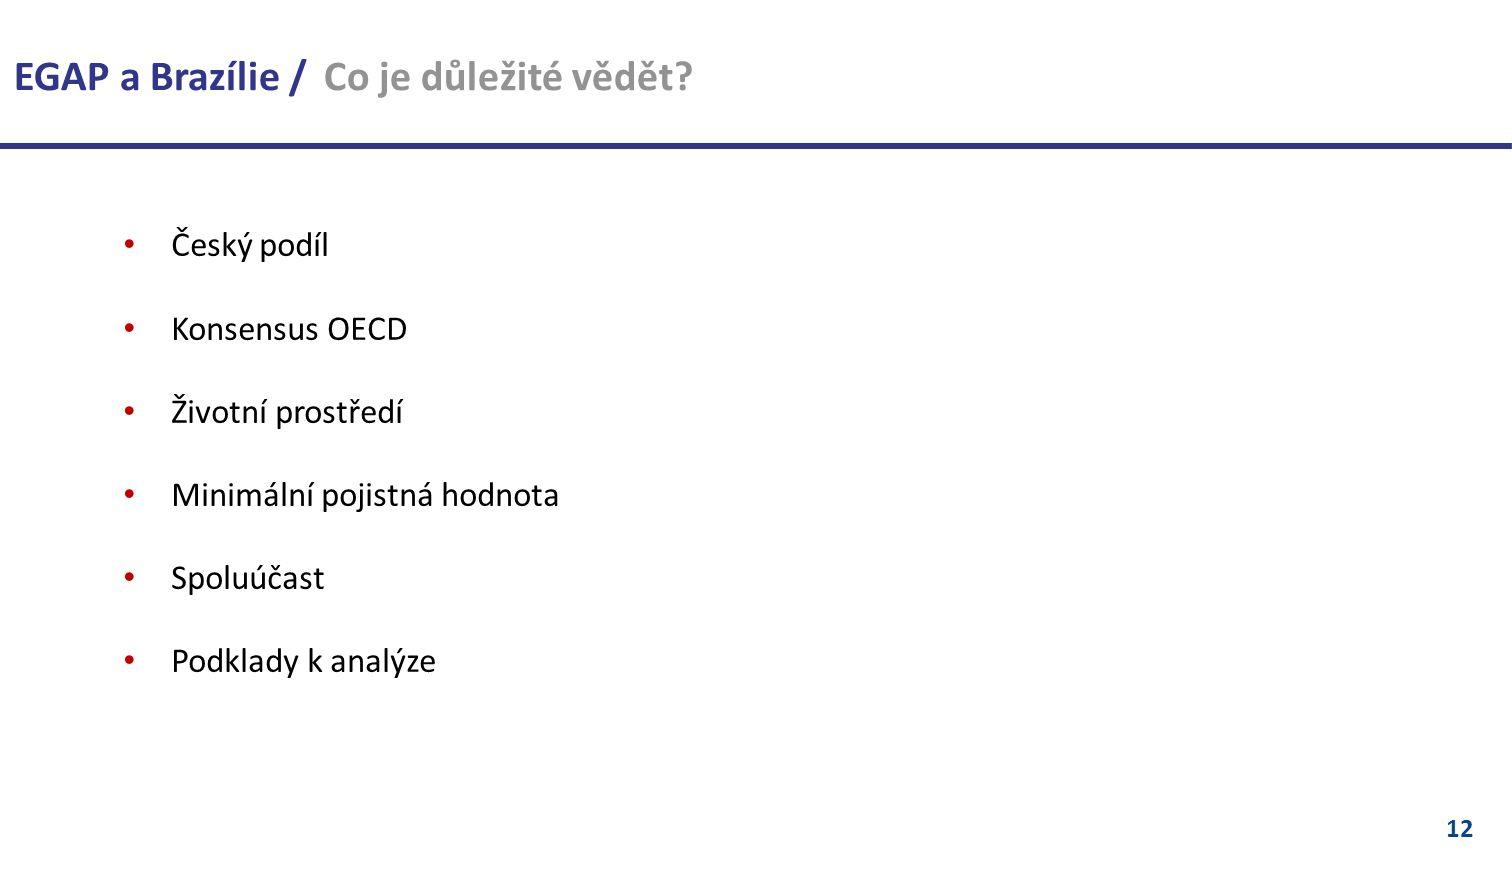 12 Český podíl Konsensus OECD Životní prostředí Minimální pojistná hodnota Spoluúčast Podklady k analýze EGAP a Brazílie / Co je důležité vědět